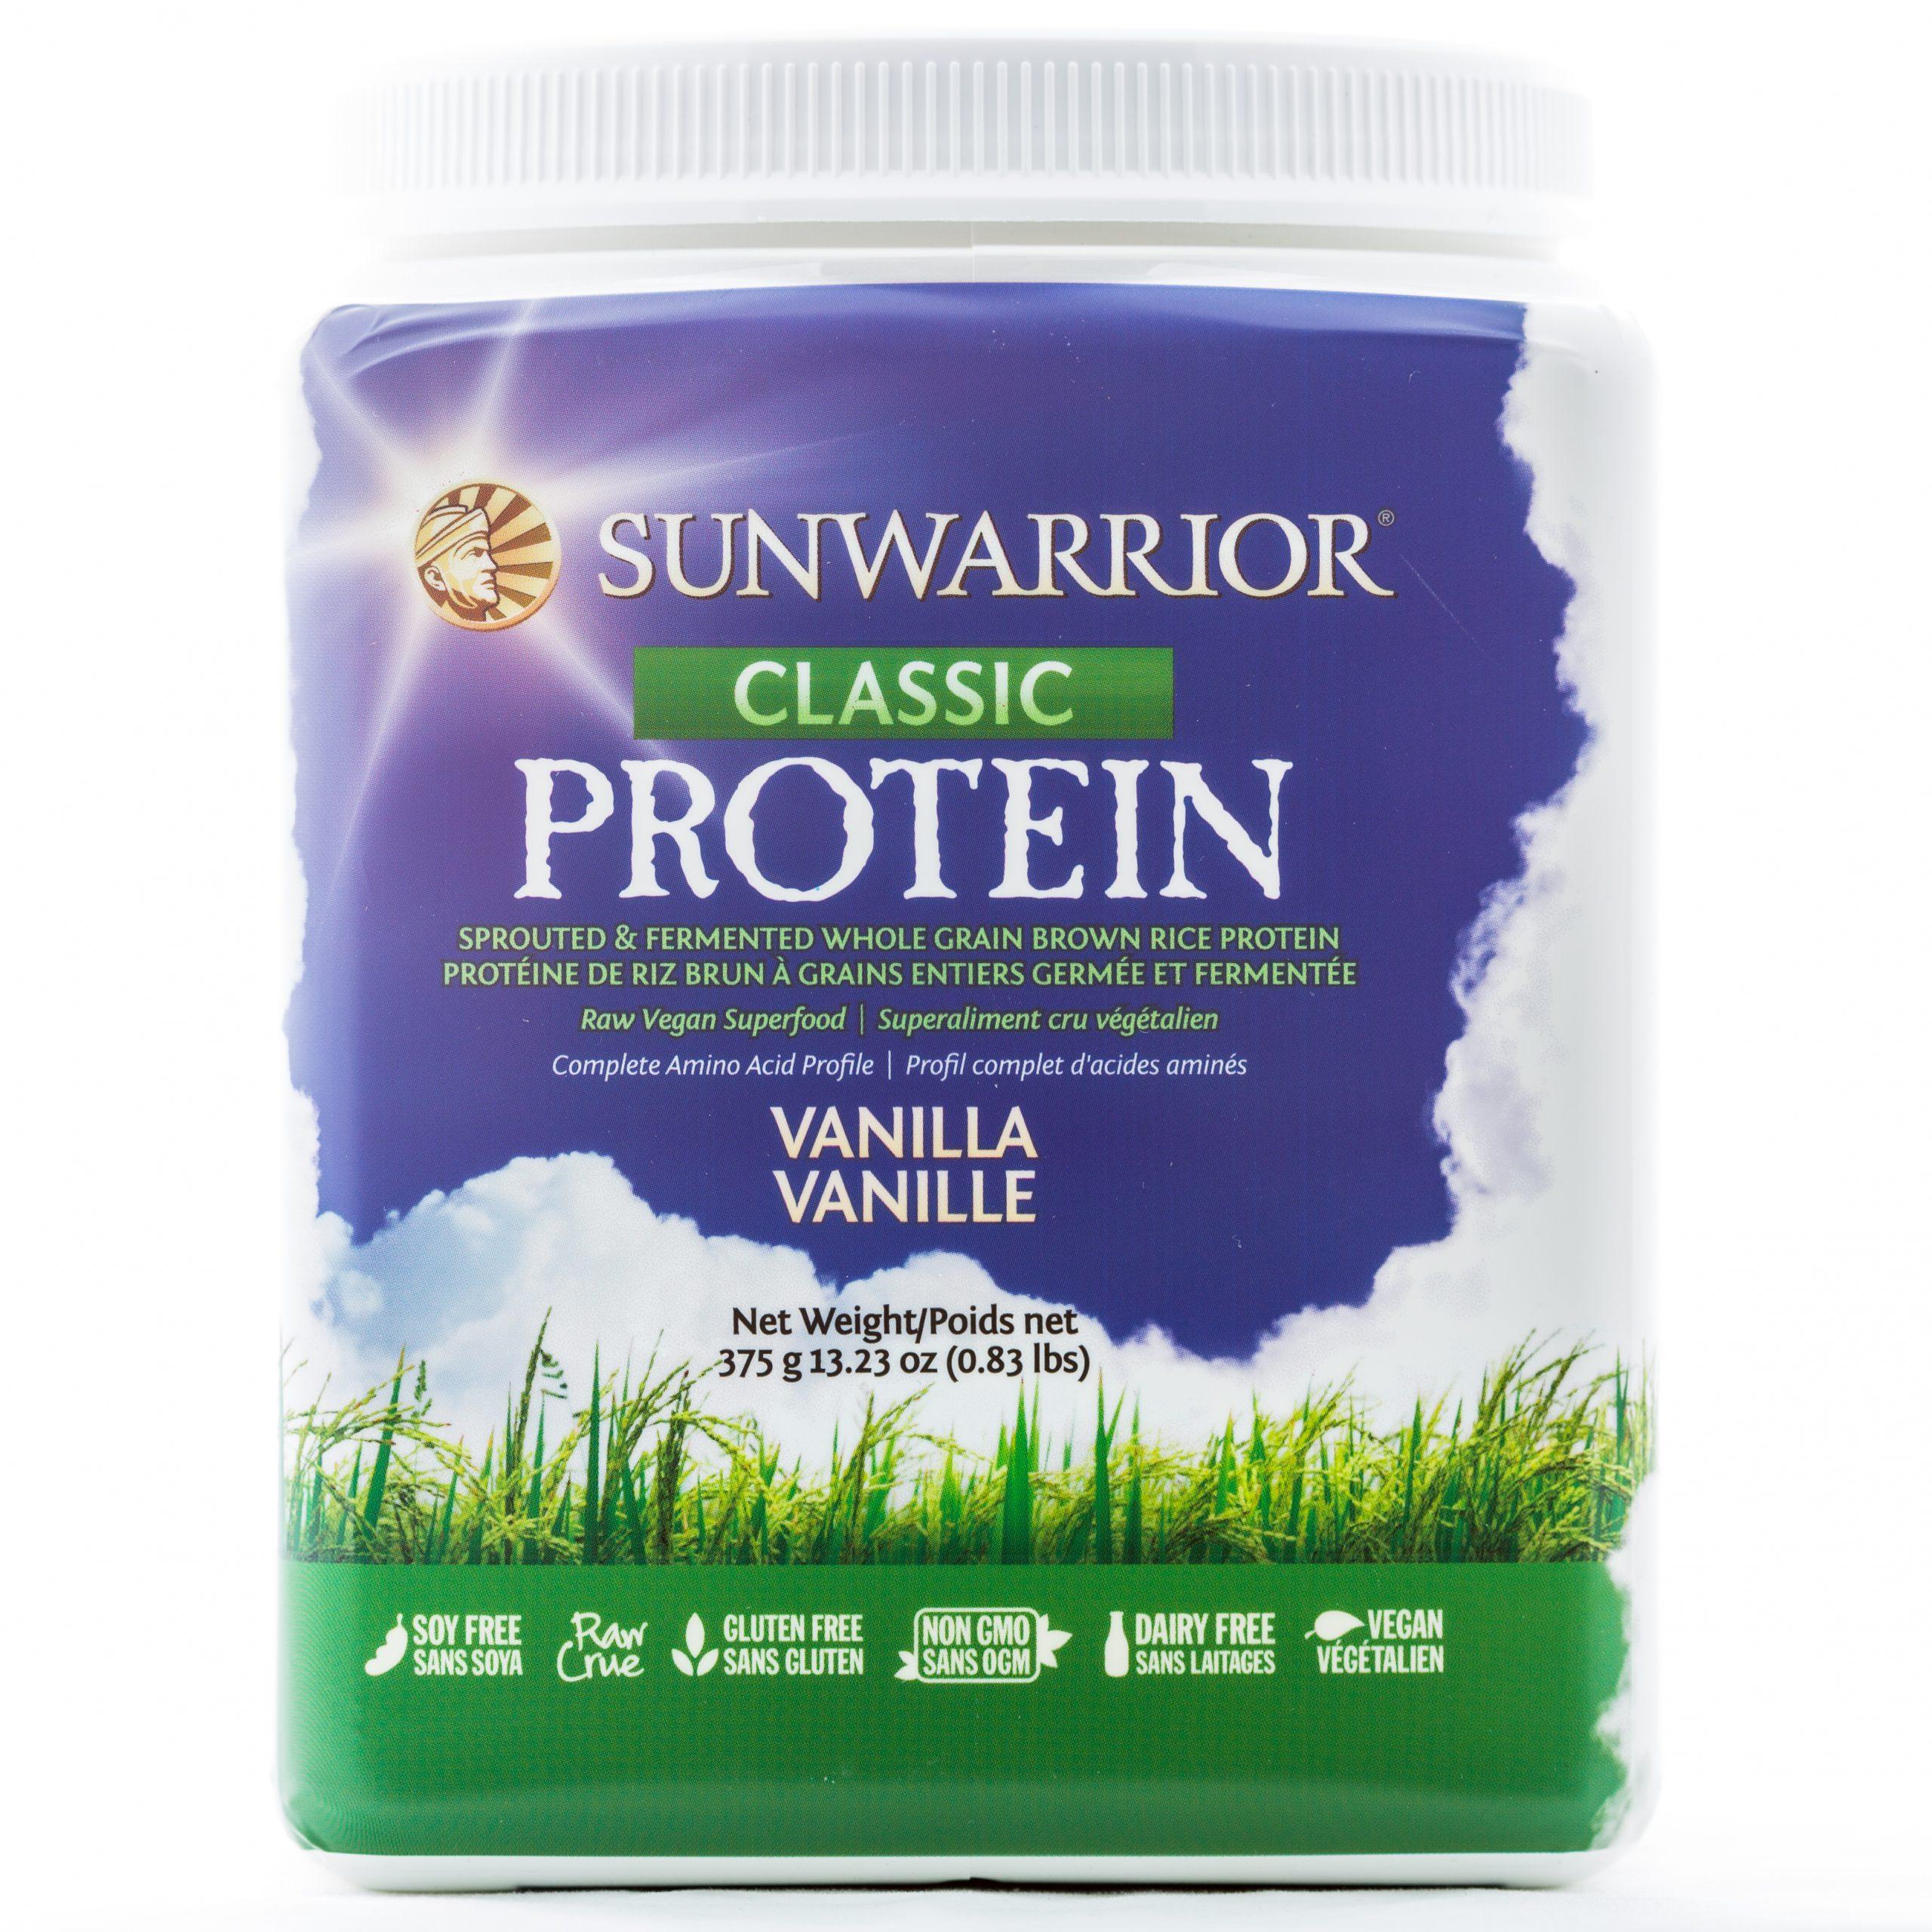 Sun Warrior Rice Protein Powder – Know about the powder